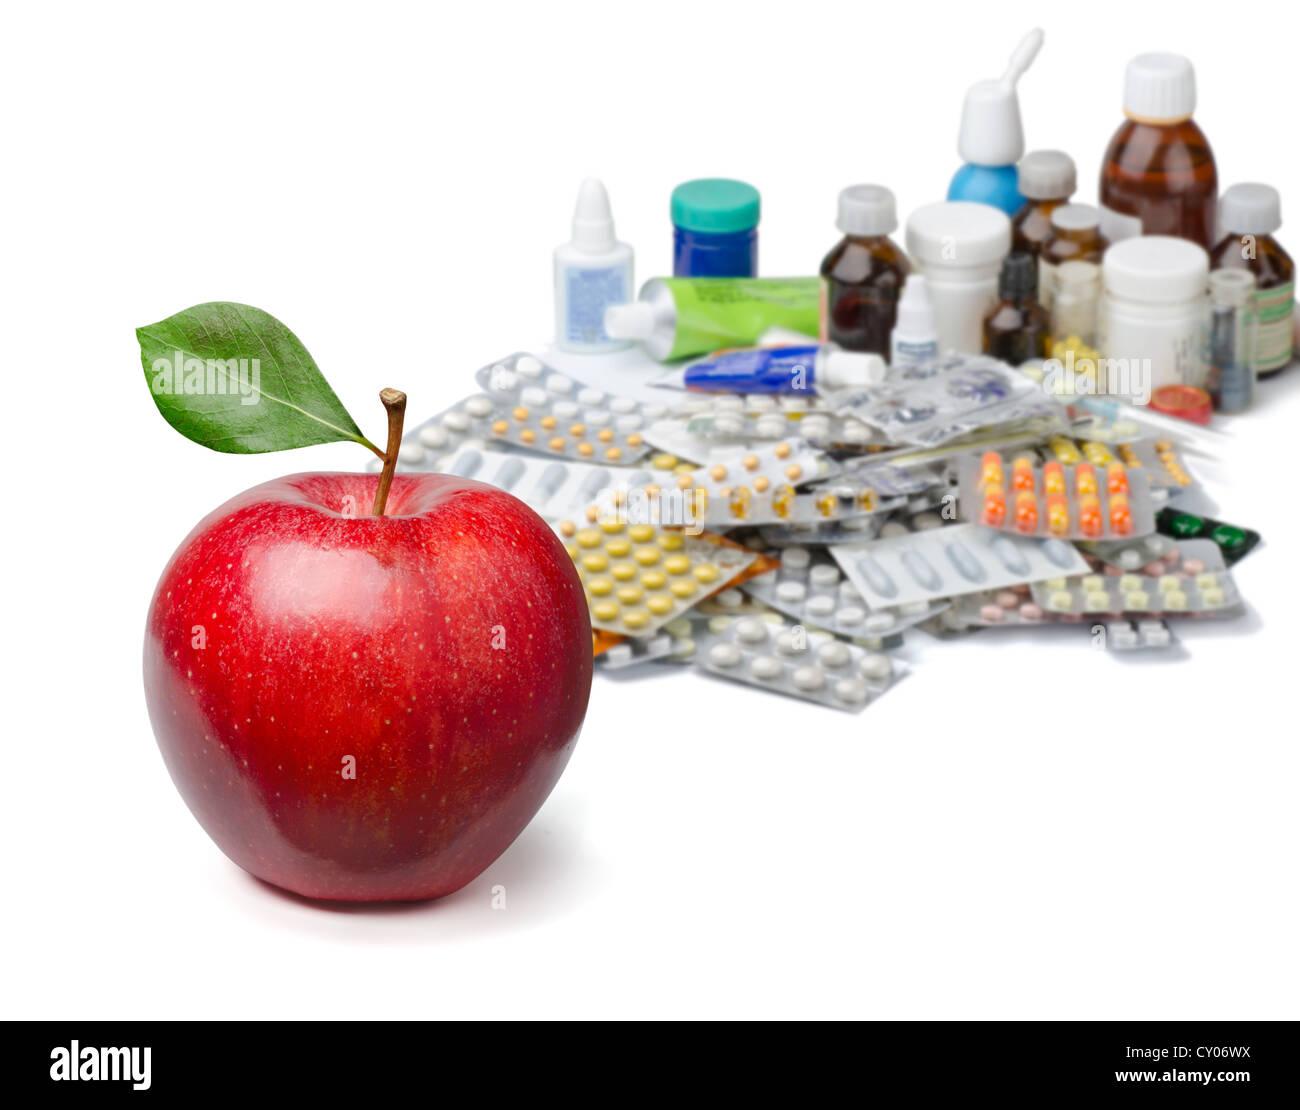 Pomme Rouge en face d'un grand tas de médicaments. Concept de vie sain. Photo Stock